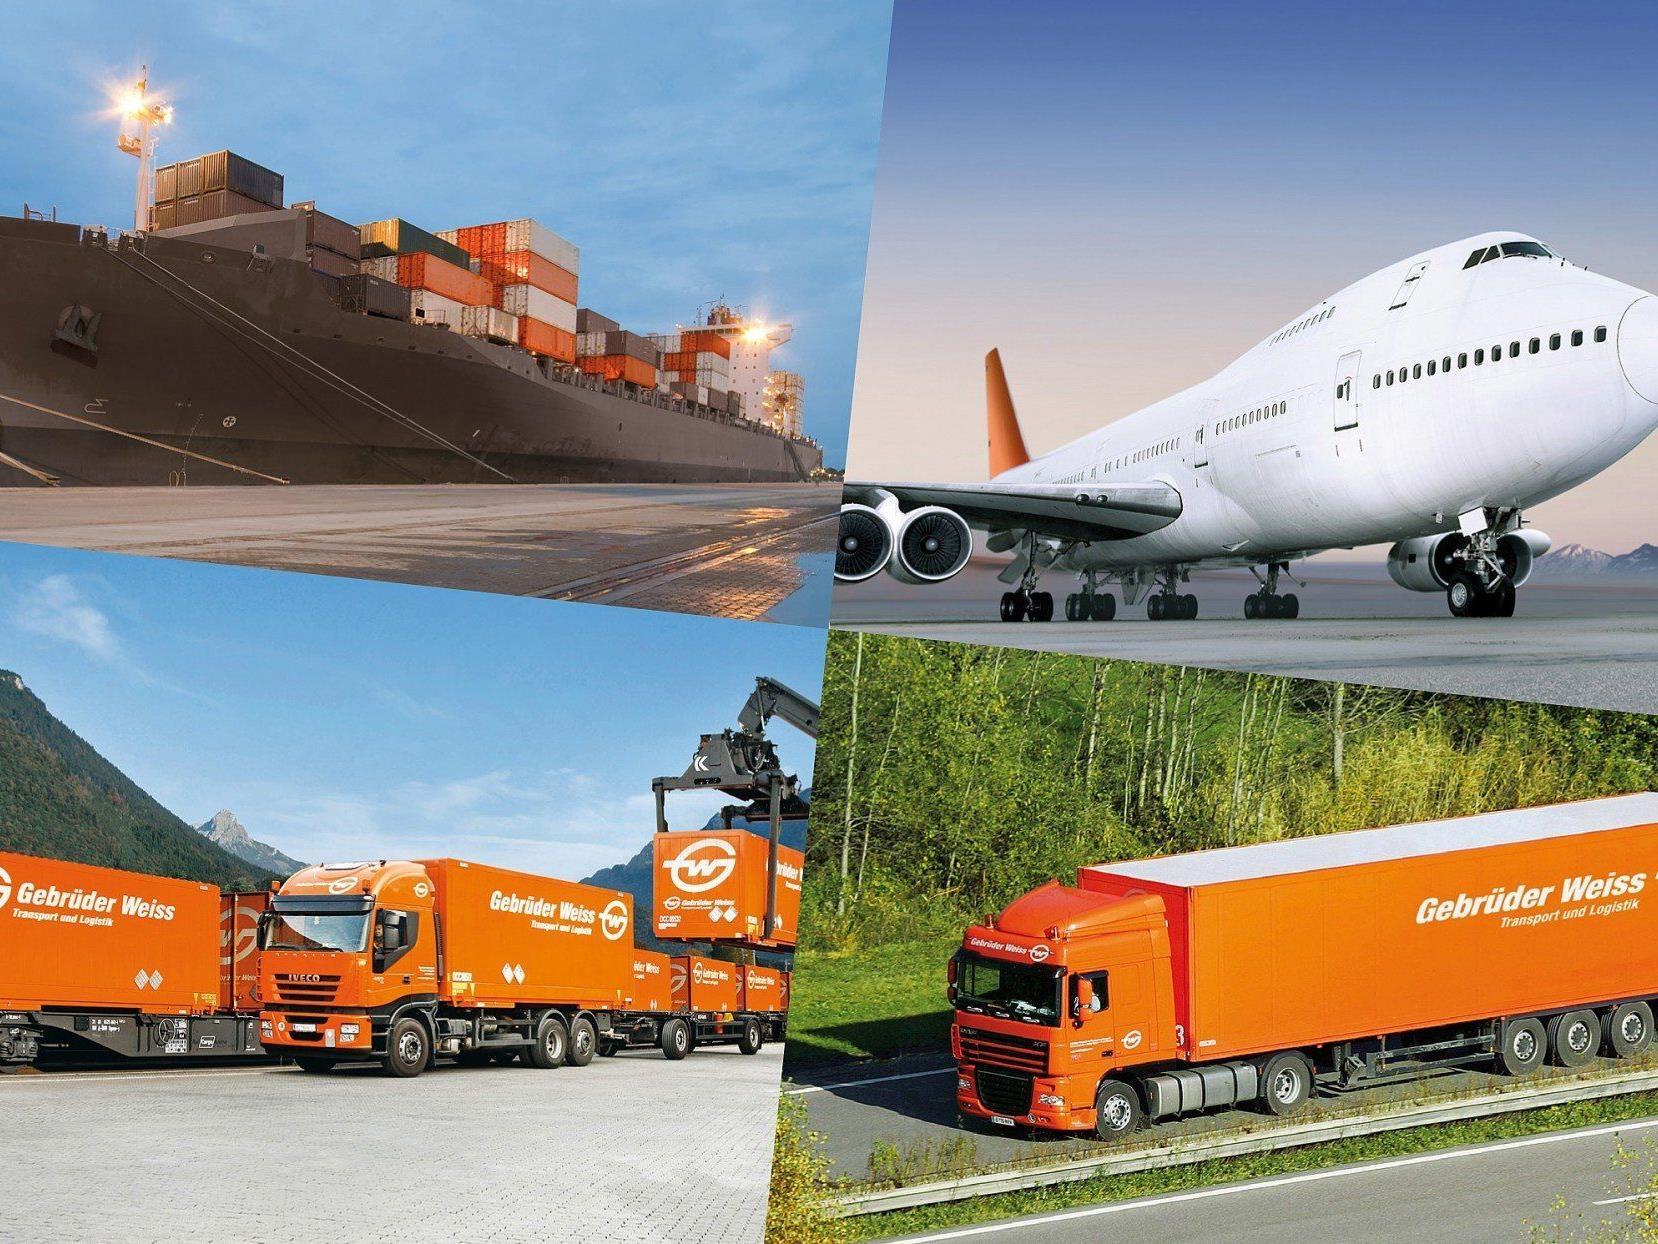 Der neue Gebrüder Weiss Standort in der Türkei ist multimodal ausgerichtet.